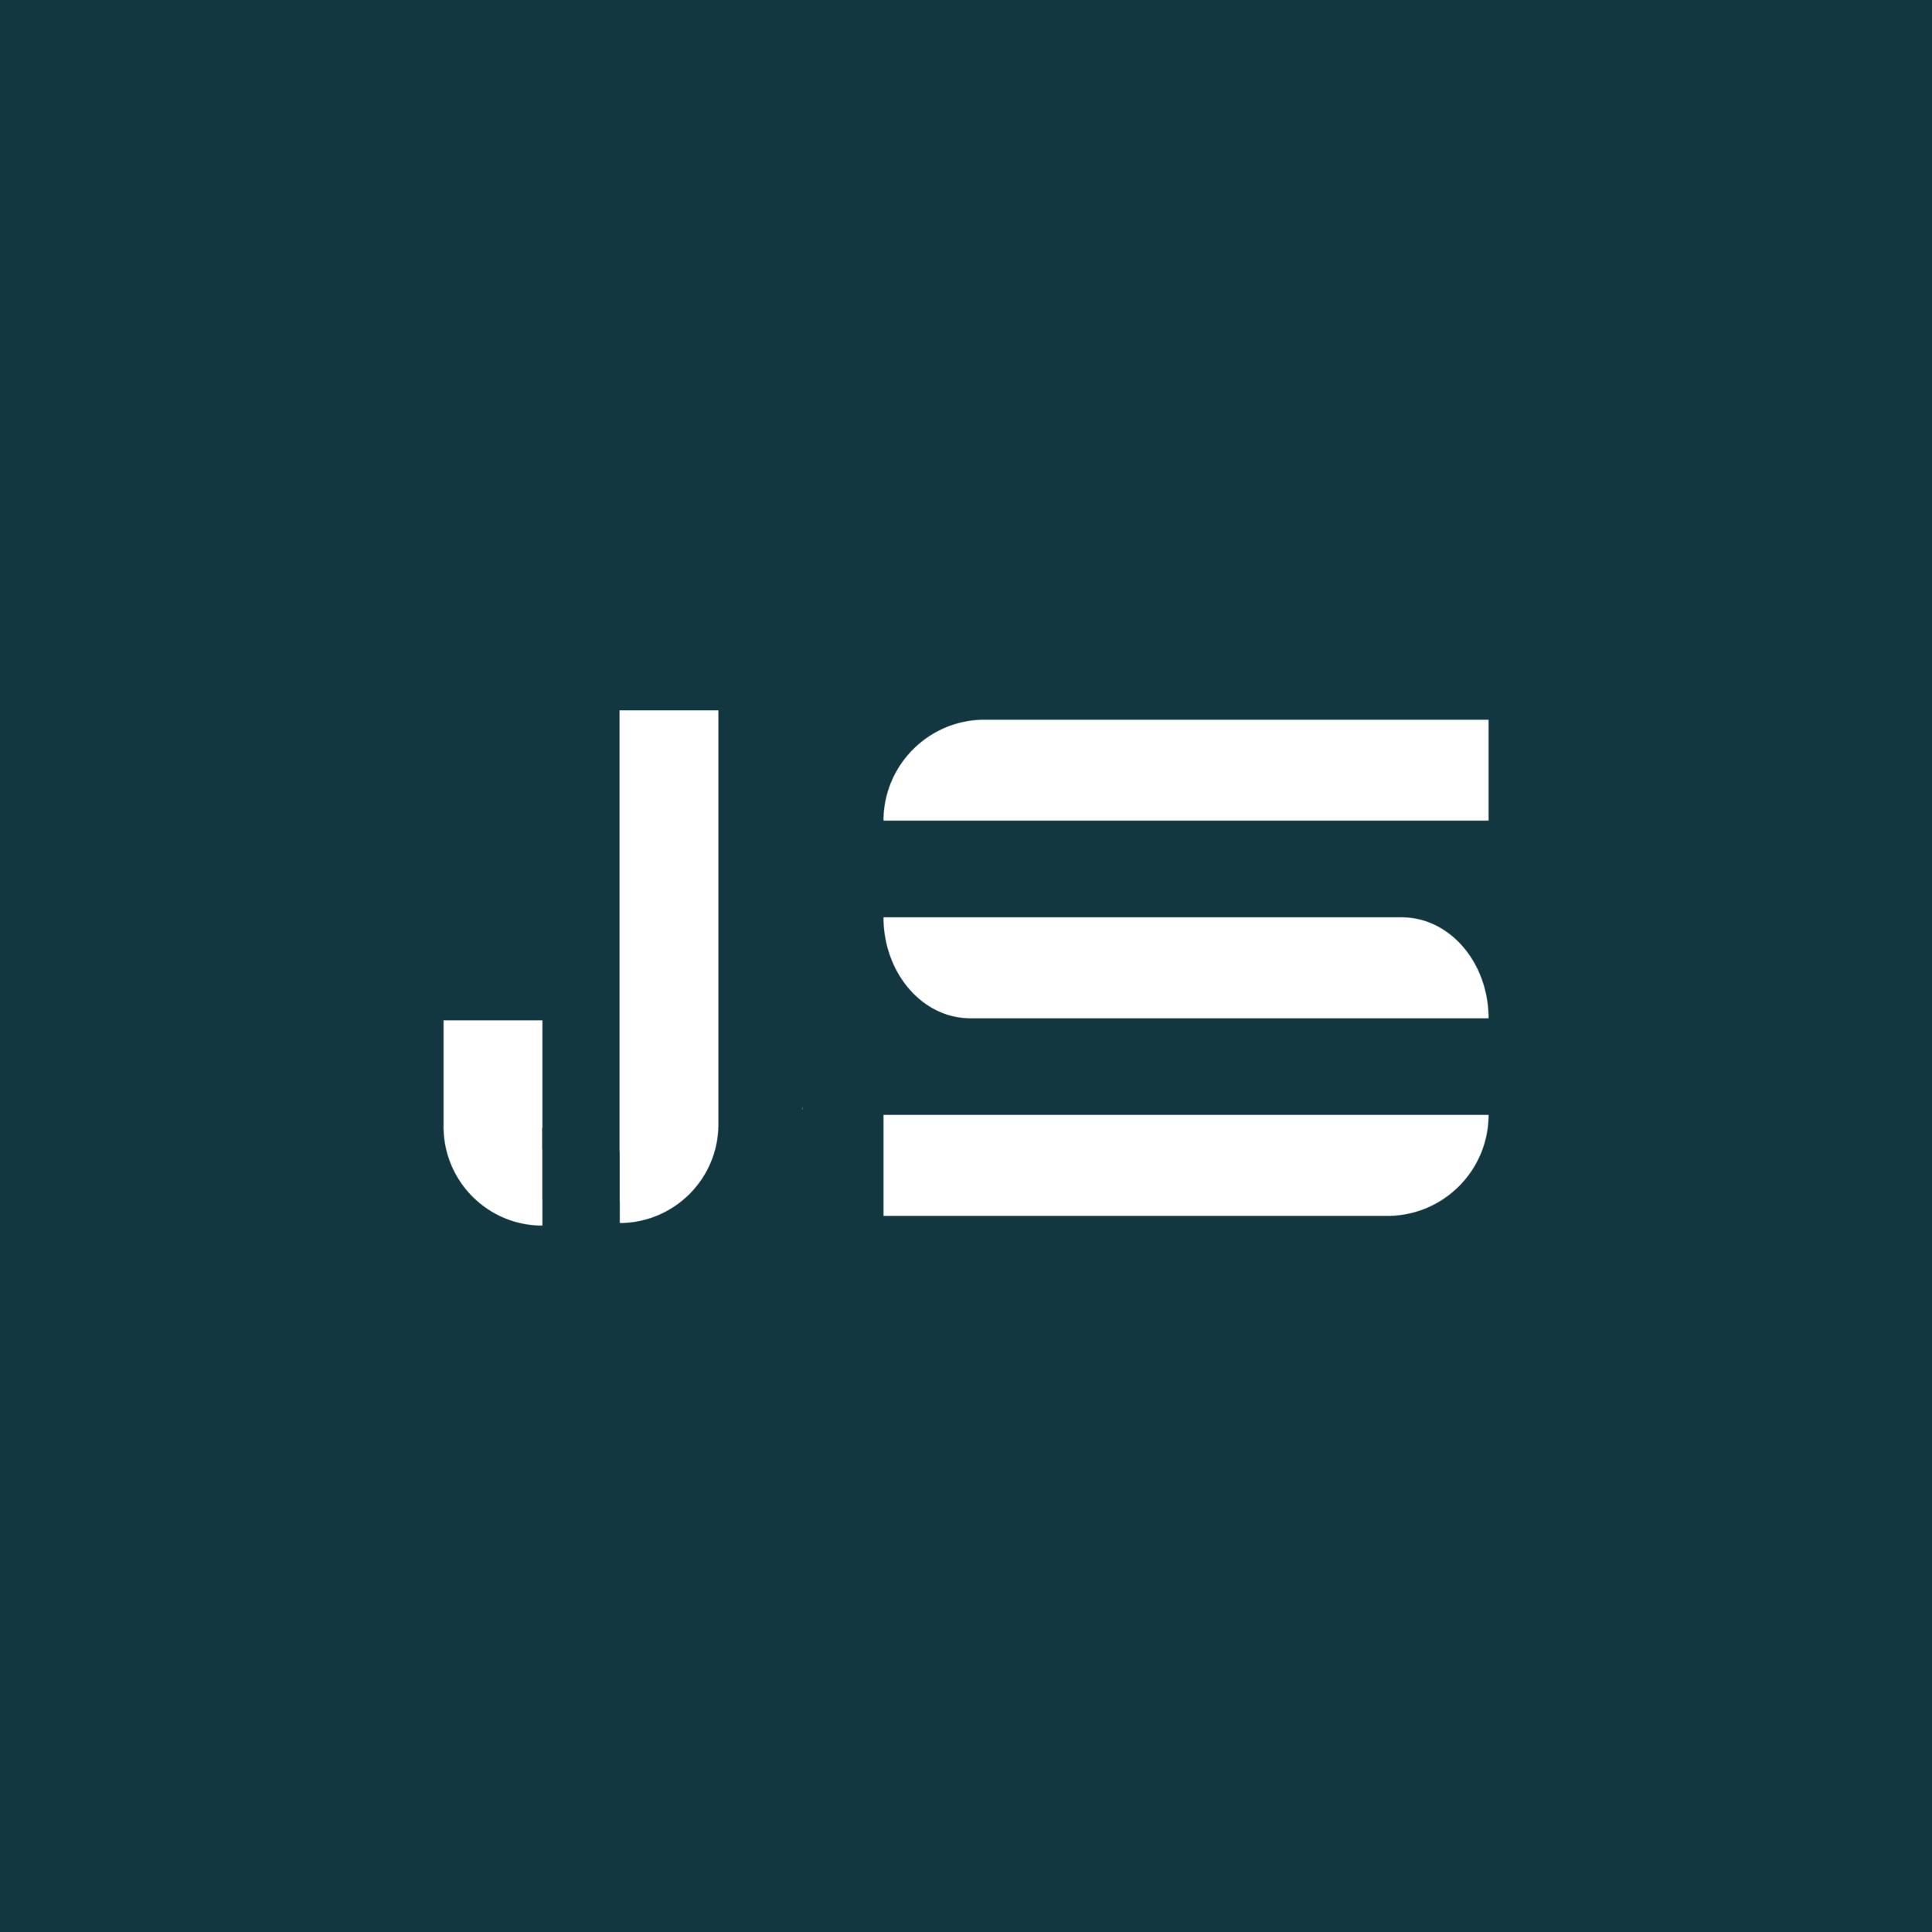 js_2.png